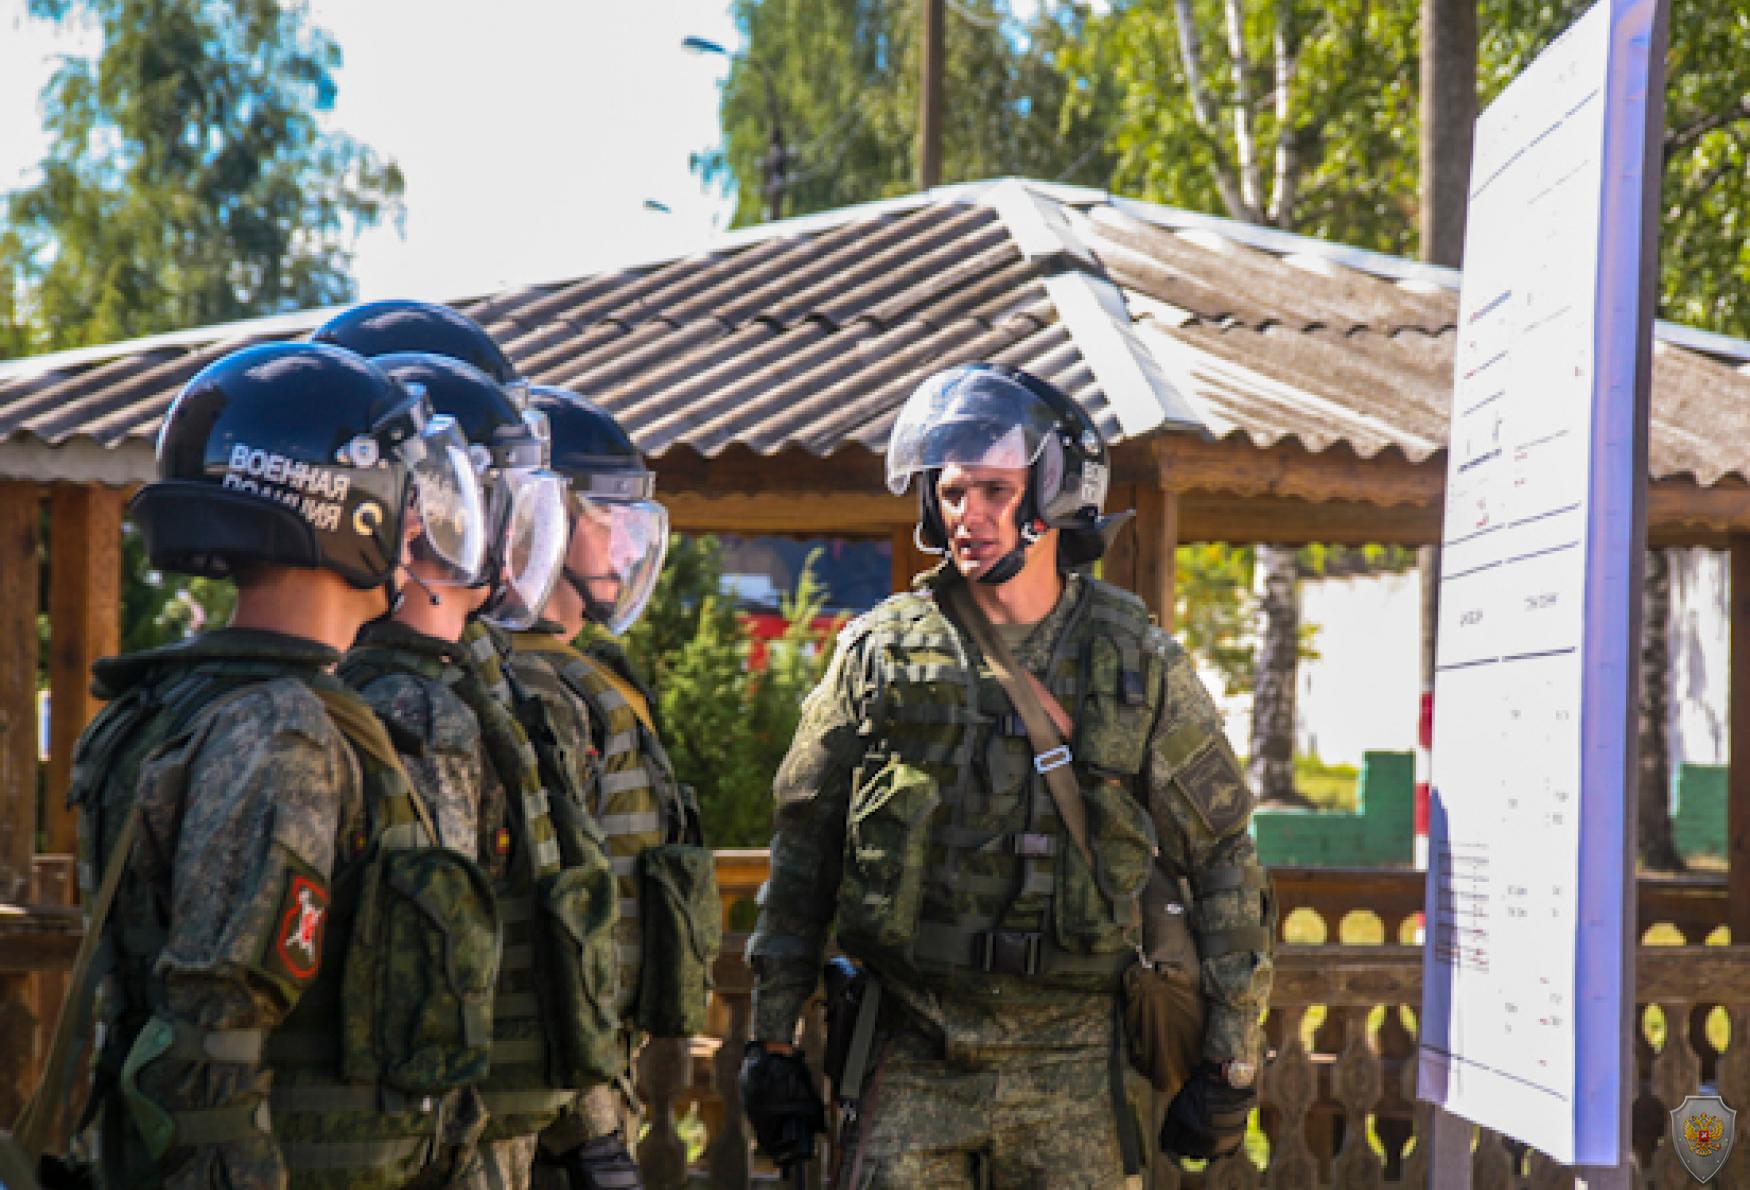 Комплексные тренировки противодействия терроризму провели подразделения военной полиции ЗВО в Нижегородской области